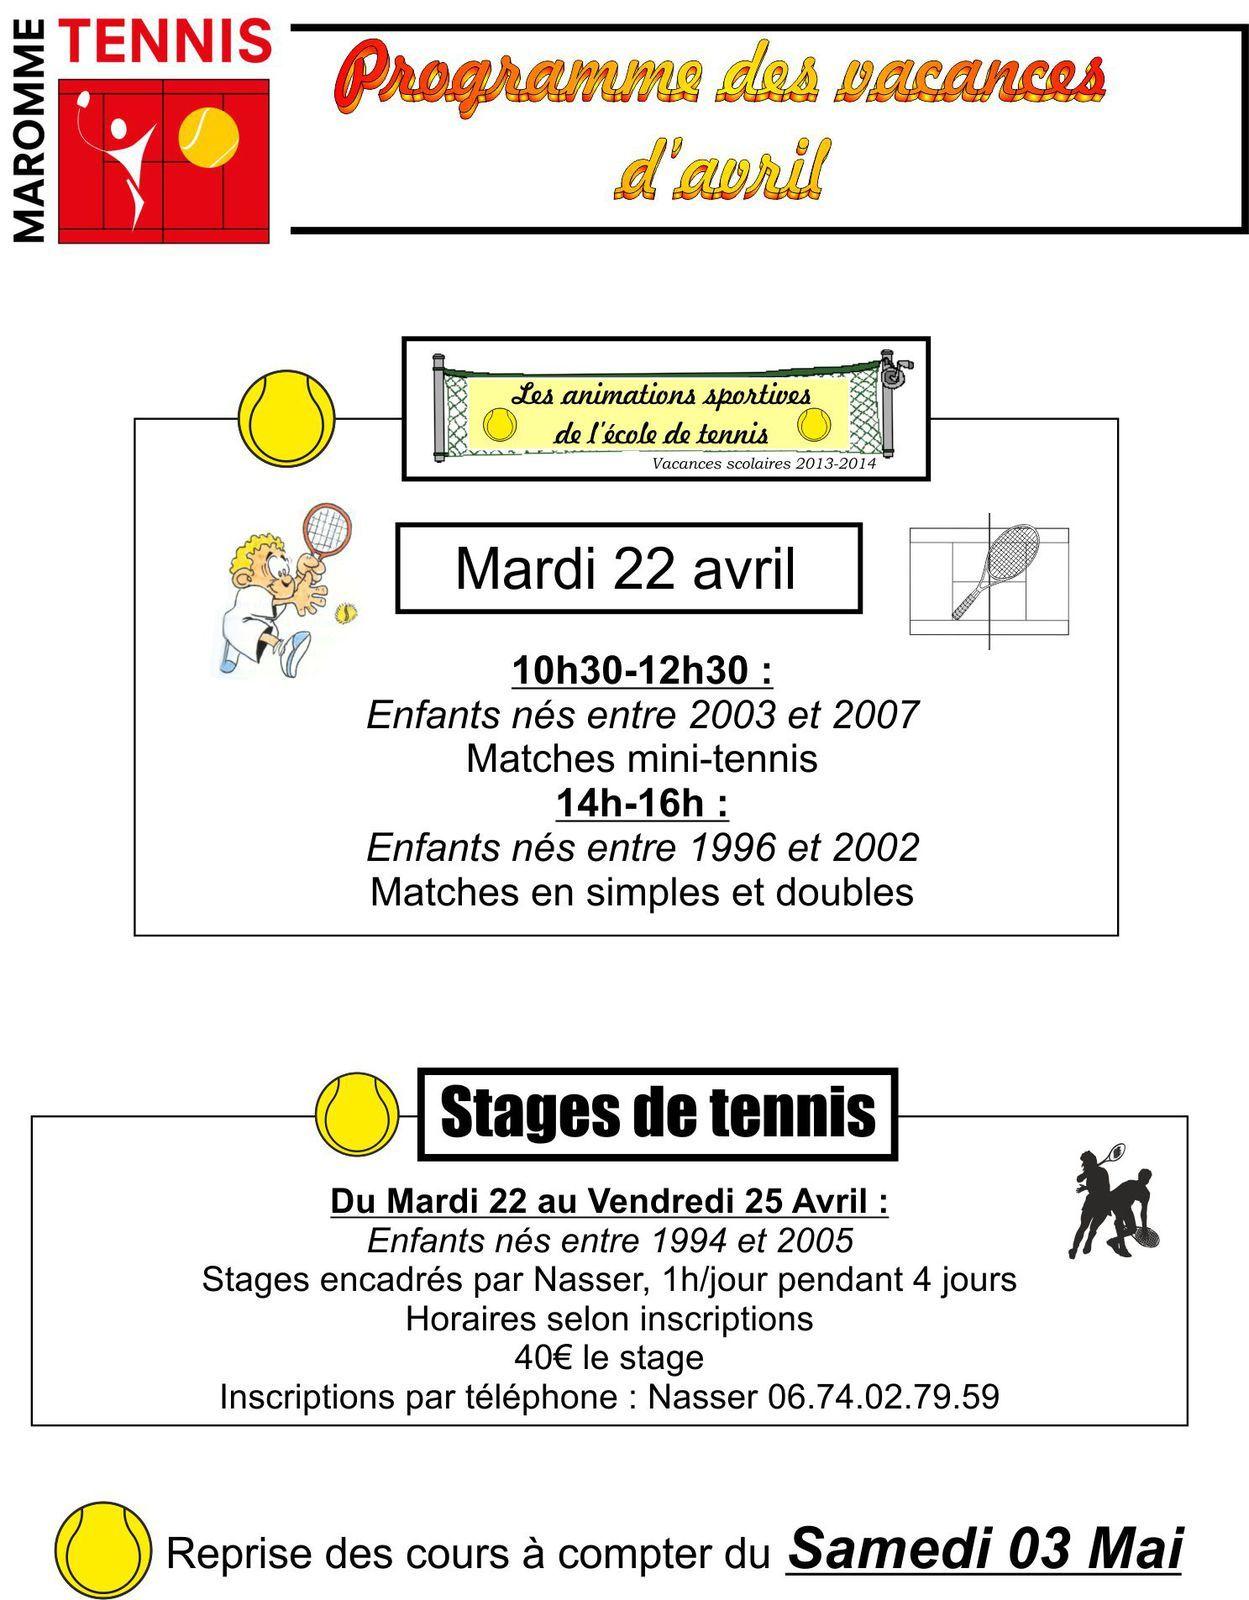 Programme des vacances d'avril